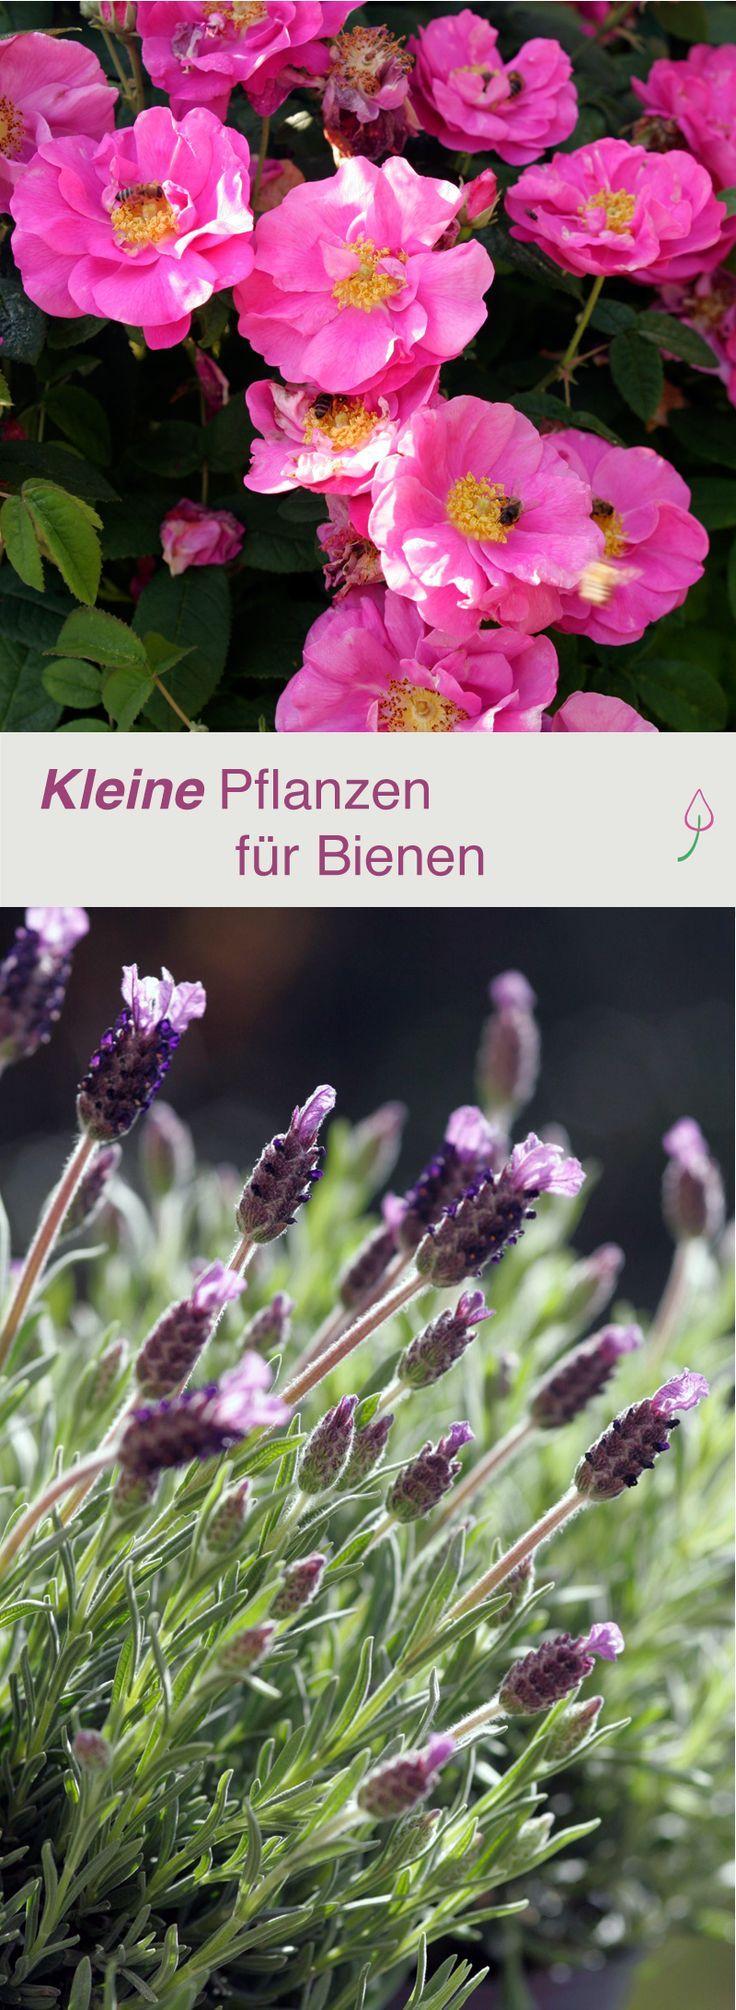 Bienenfreundliche Pflanzen für den kleinen Garten oder den Balkon